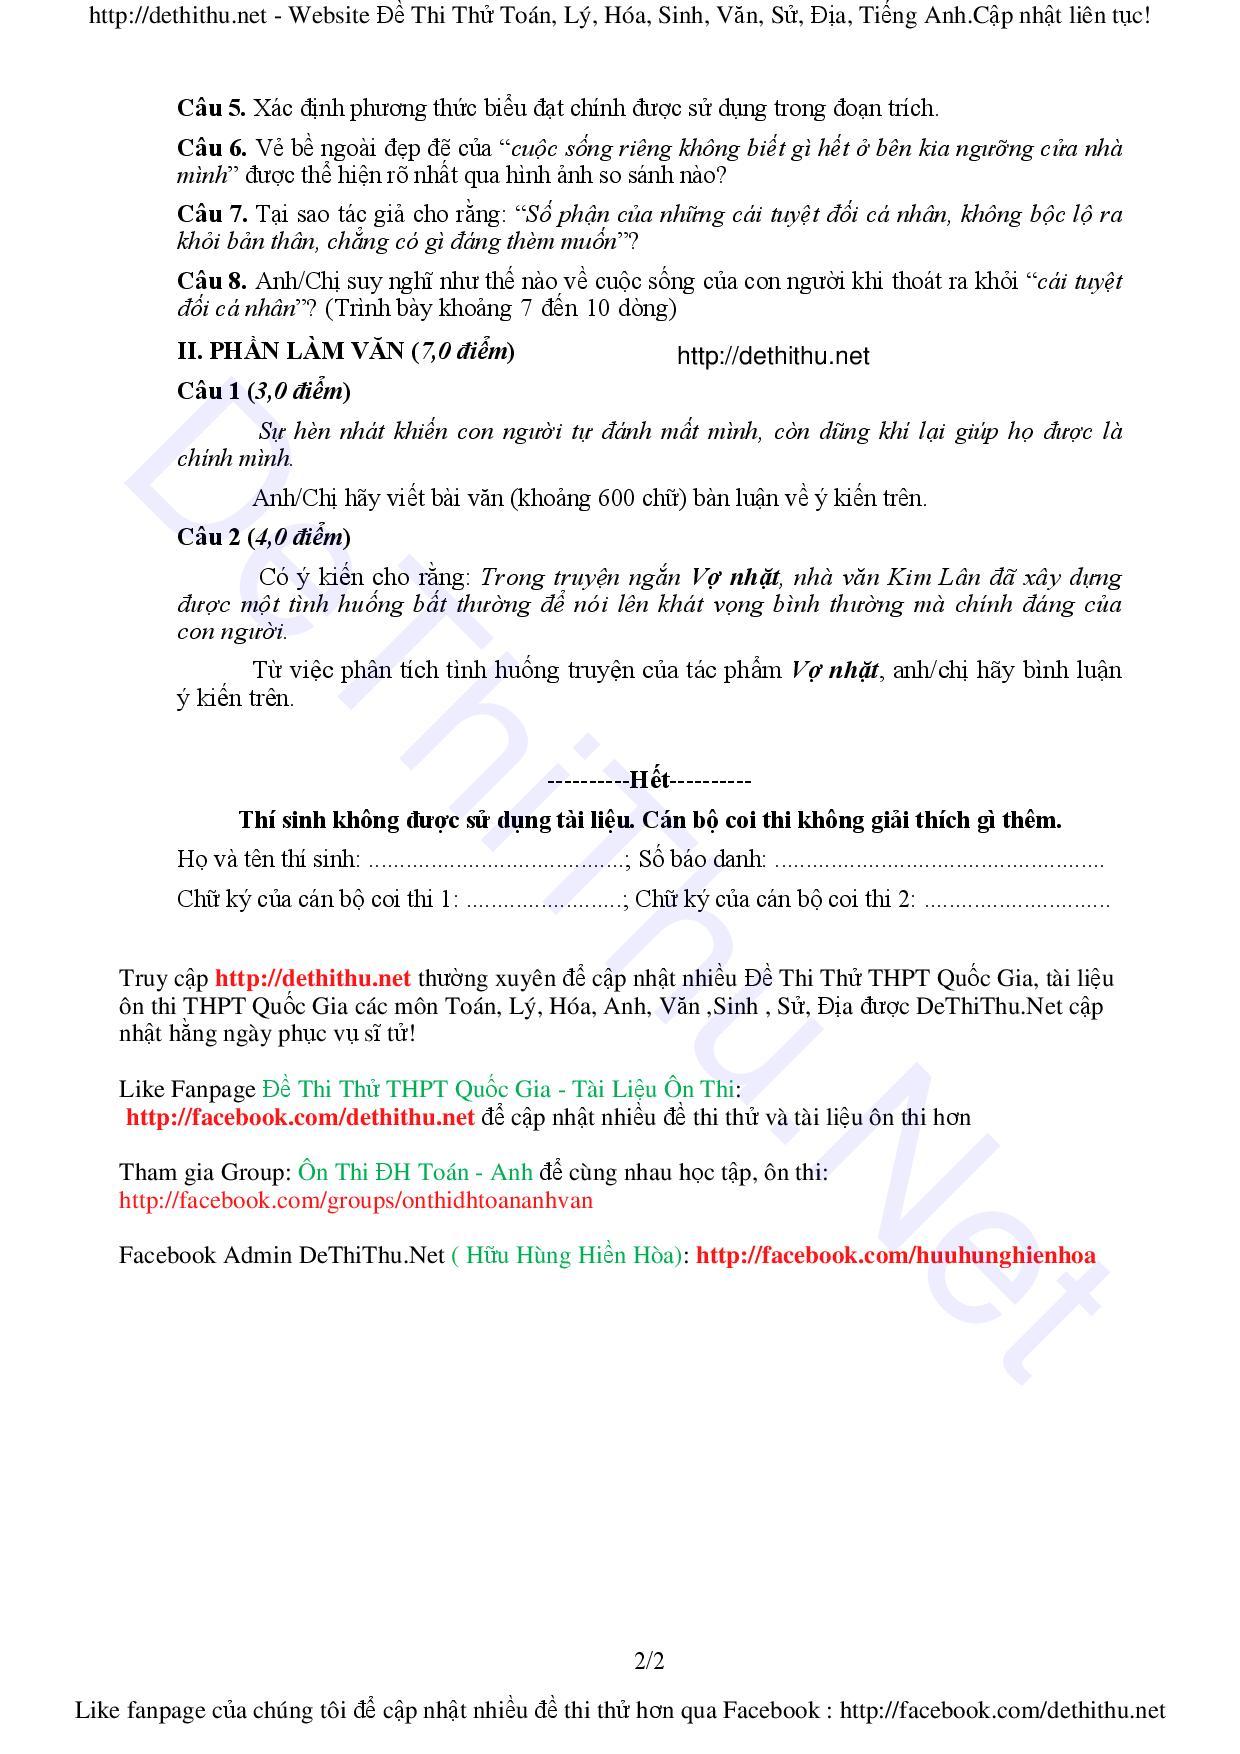 Đề và đáp án môn Văn THPT Quốc gia 2016 chính thức